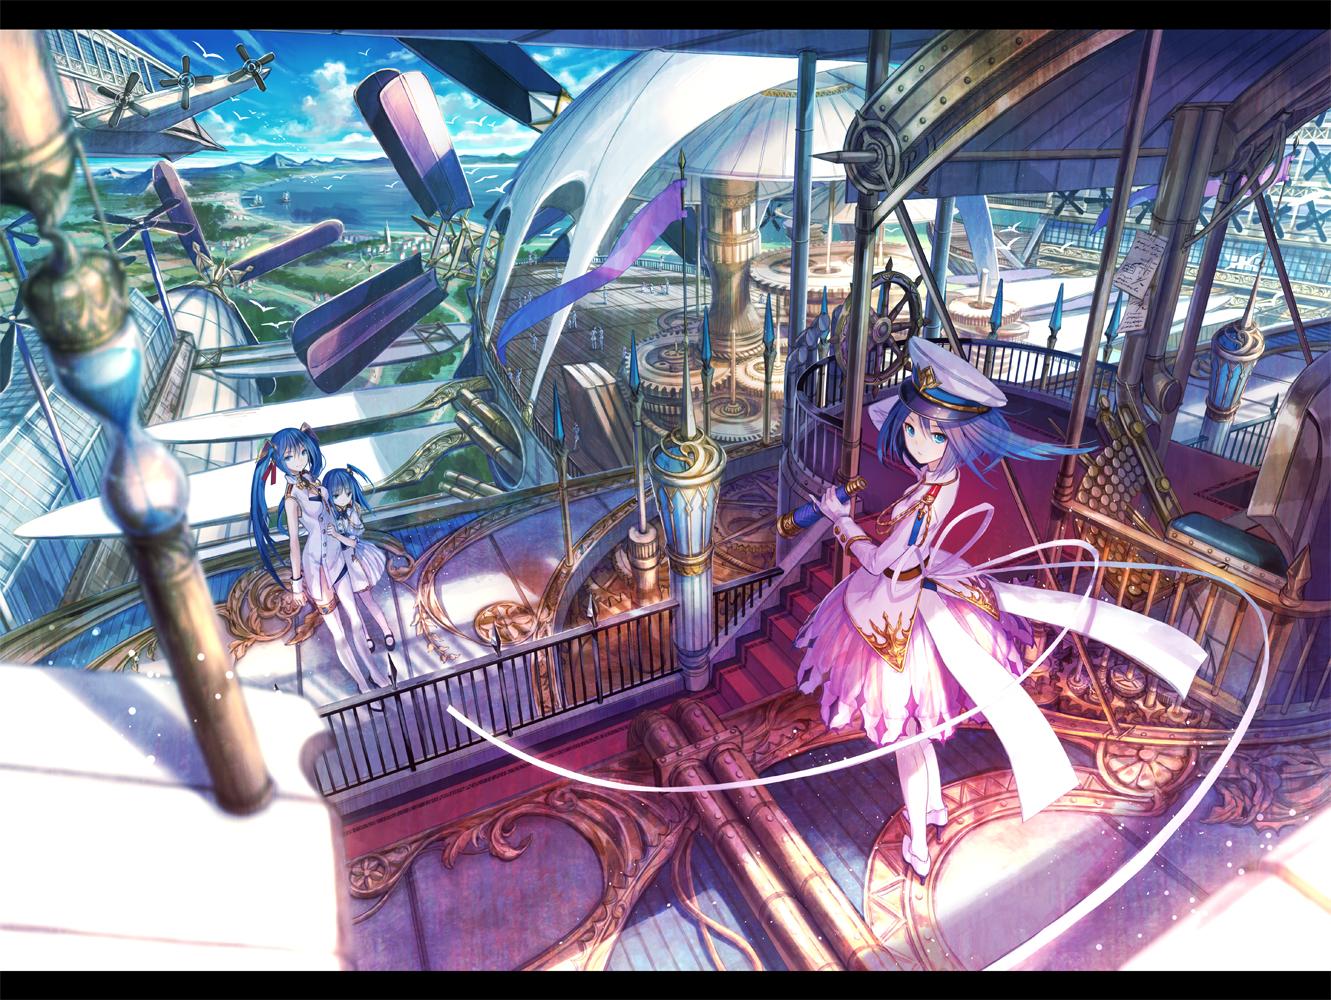 デスクトップ壁紙 アニメの女の子 元の文字 Steampunk 富士時代 レクリエーション スクリーンショット Pcゲーム 遊園地 1331x1000 Nikolaslimao デスクトップ壁紙 Wallhere